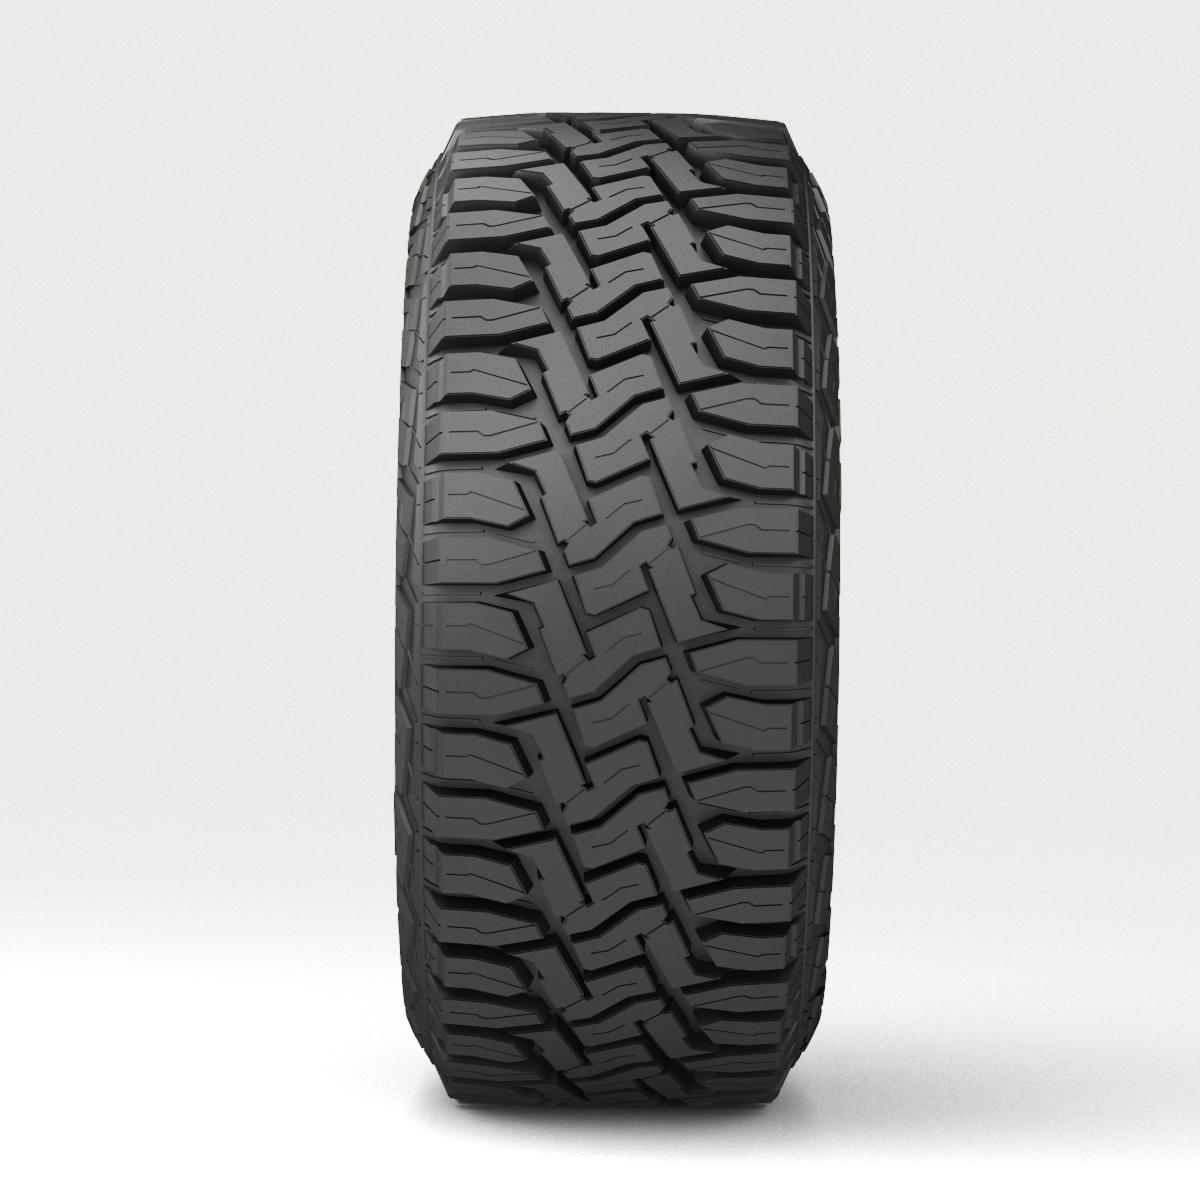 off road wheel and tire 7 3d model 3ds max fbx tga targa icb vda vst pix obj 282486